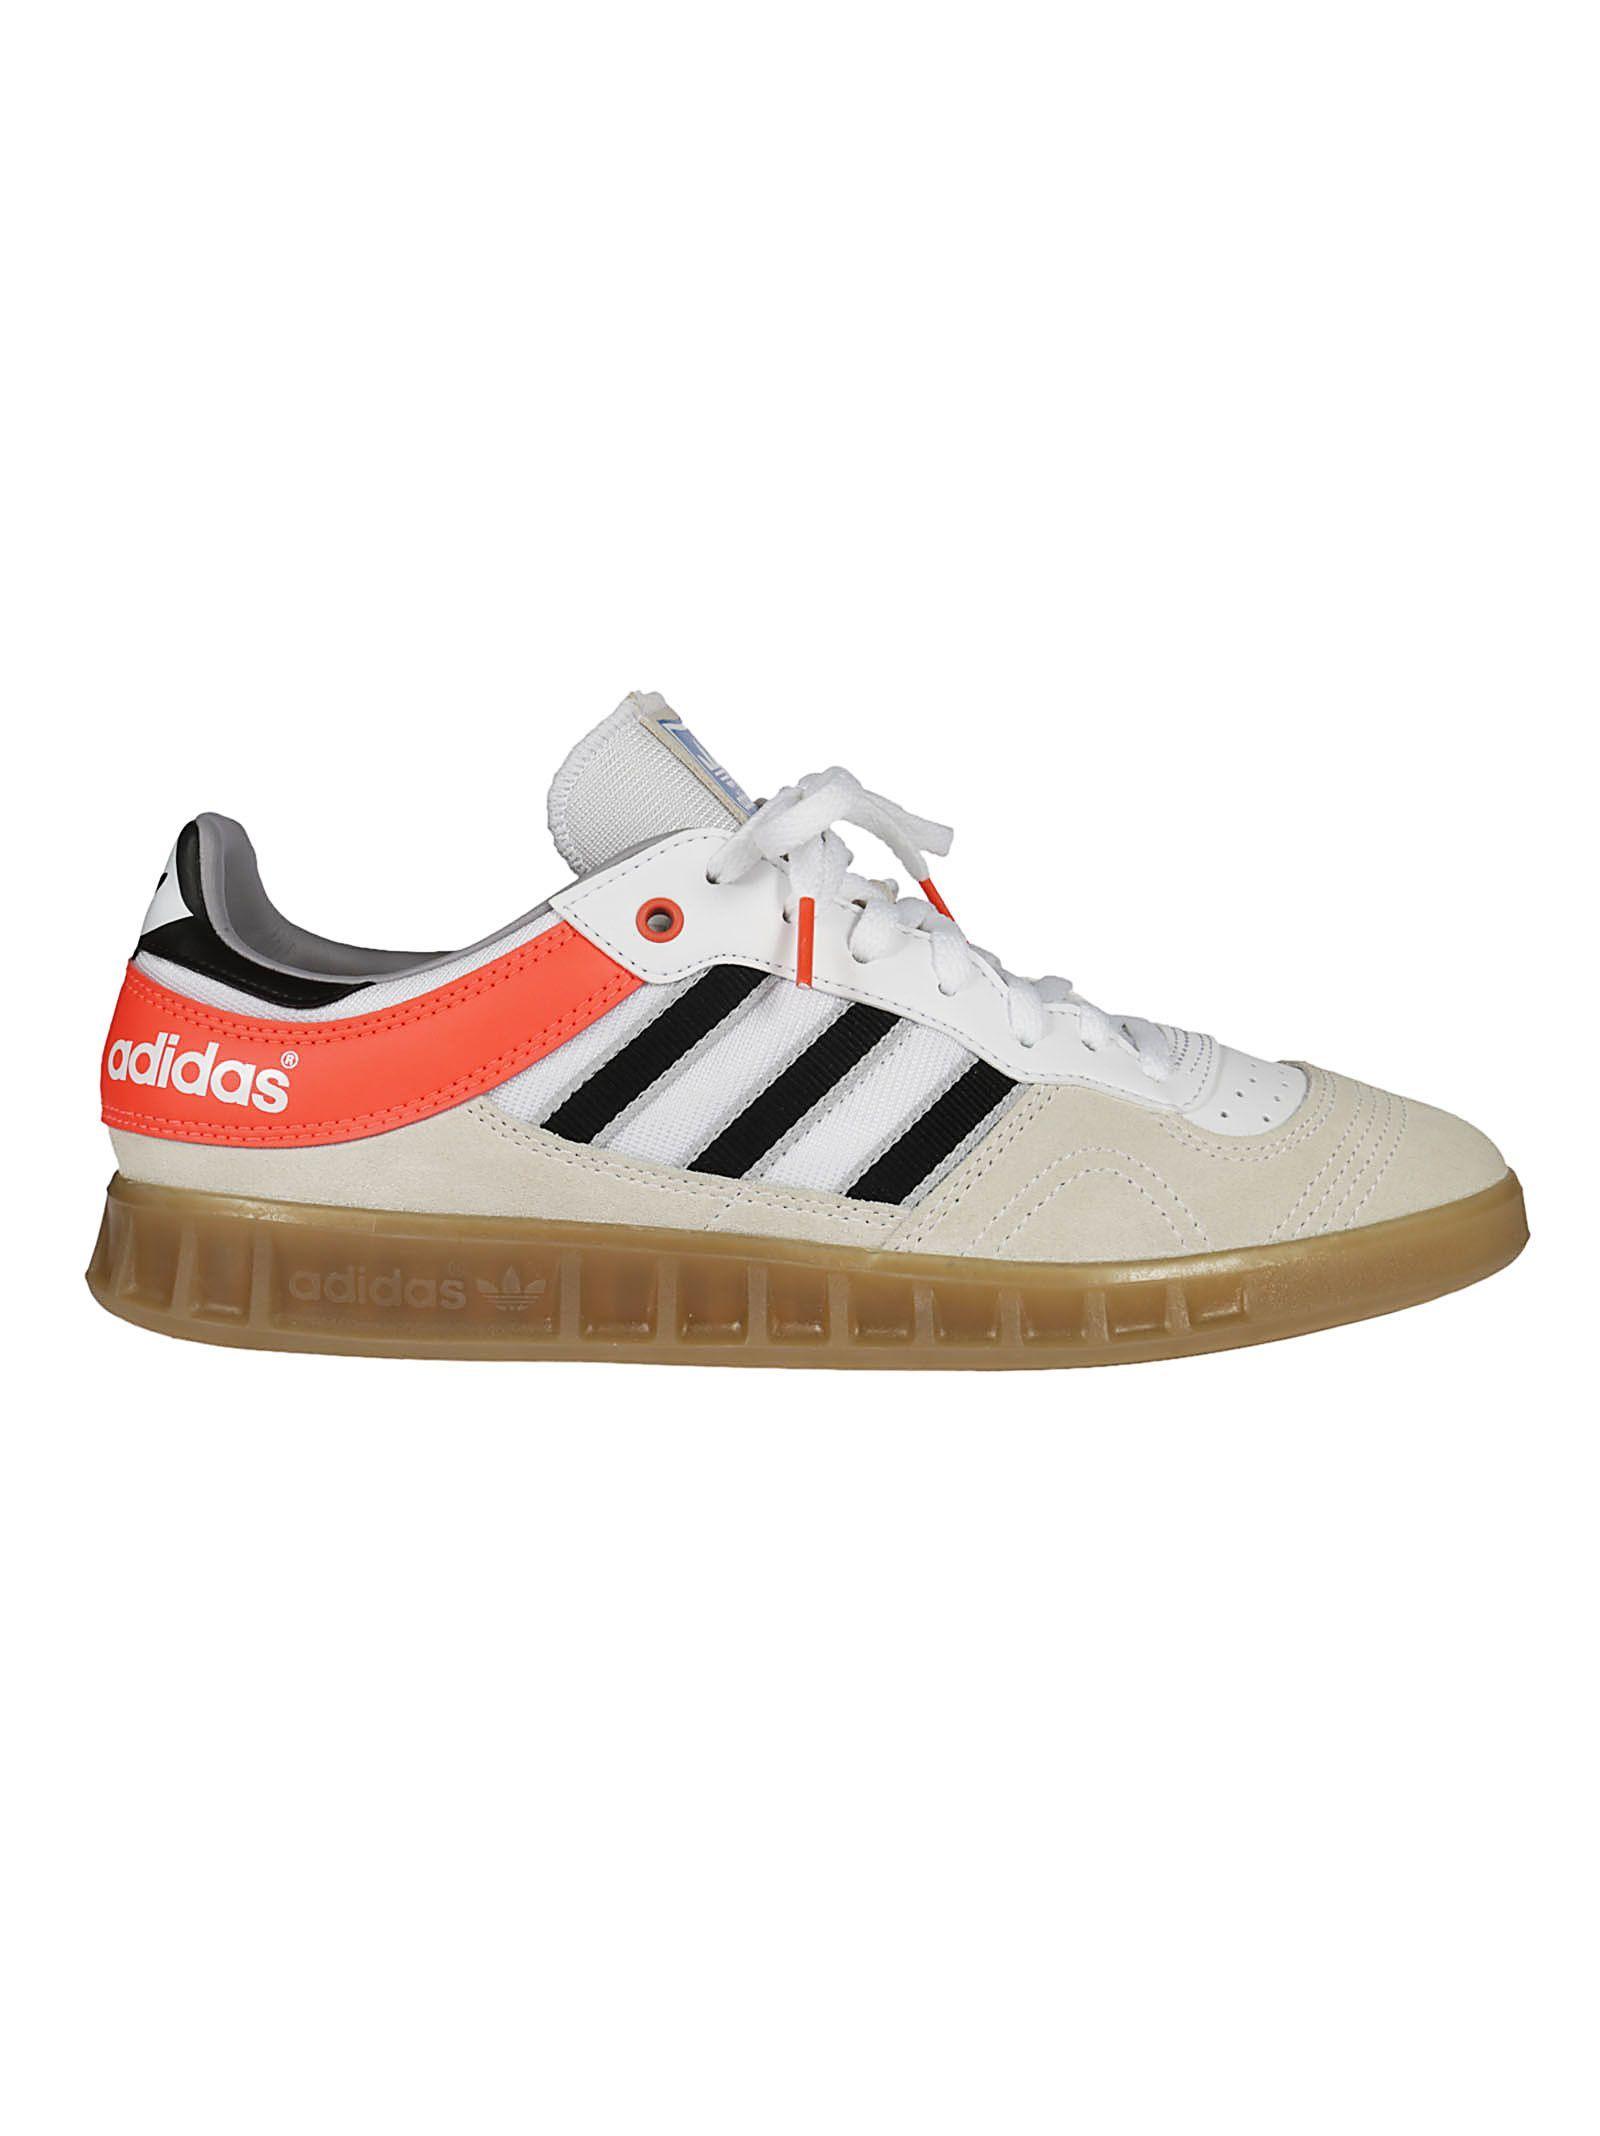 Xzgubx Top Originals Sneakers Shoes Handball Adidasoriginals Adidas WnRacvxn